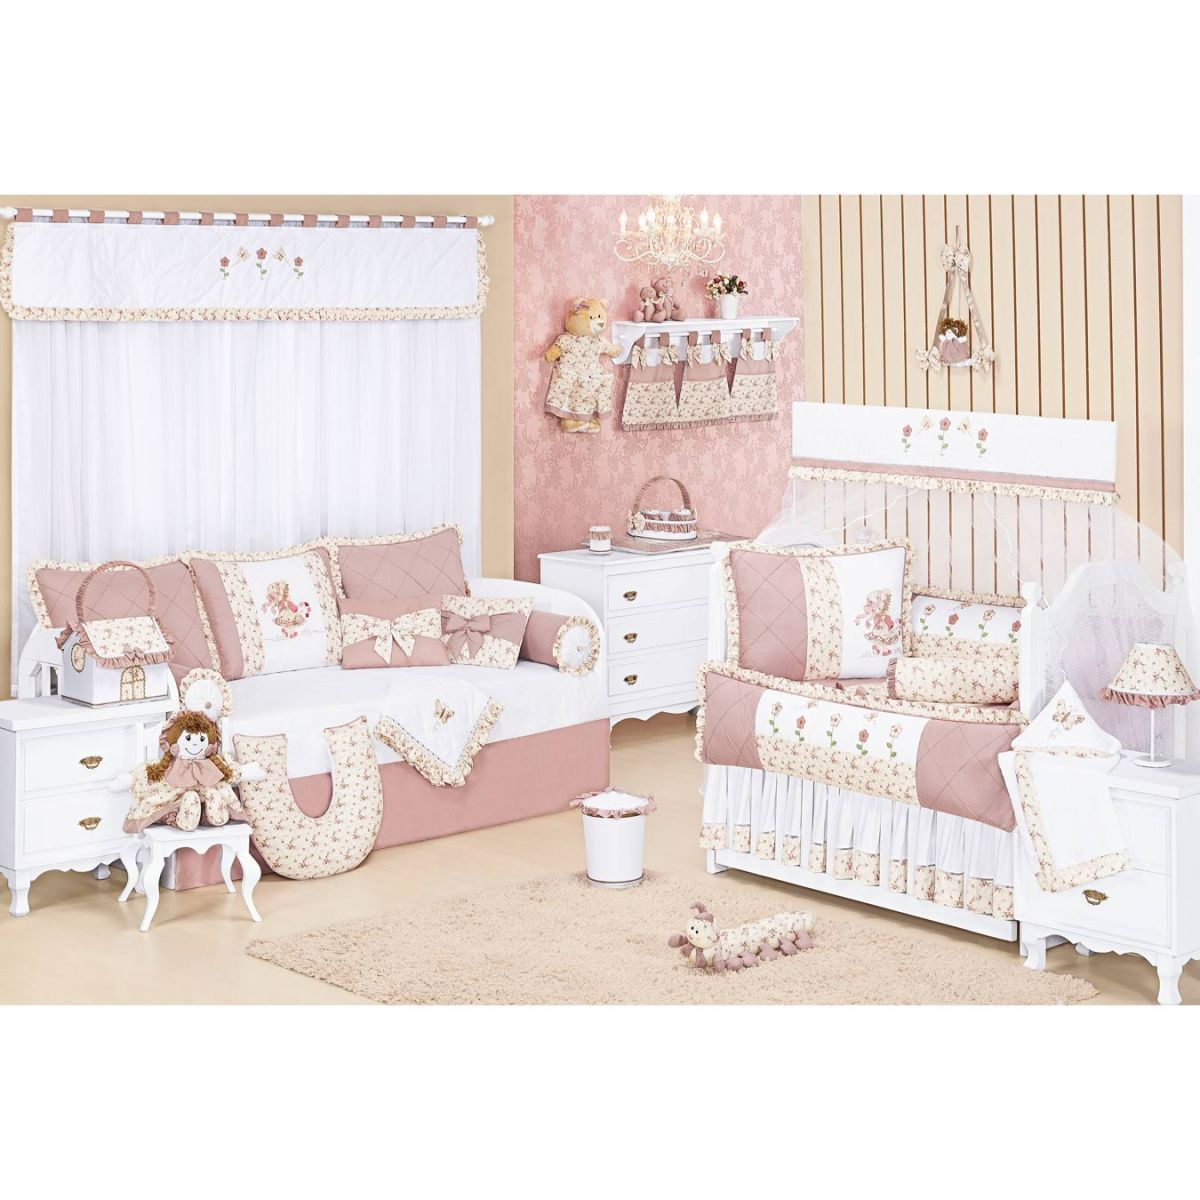 Manta Avulso para Quarto de Bebê - Coleção Nina Camponesa